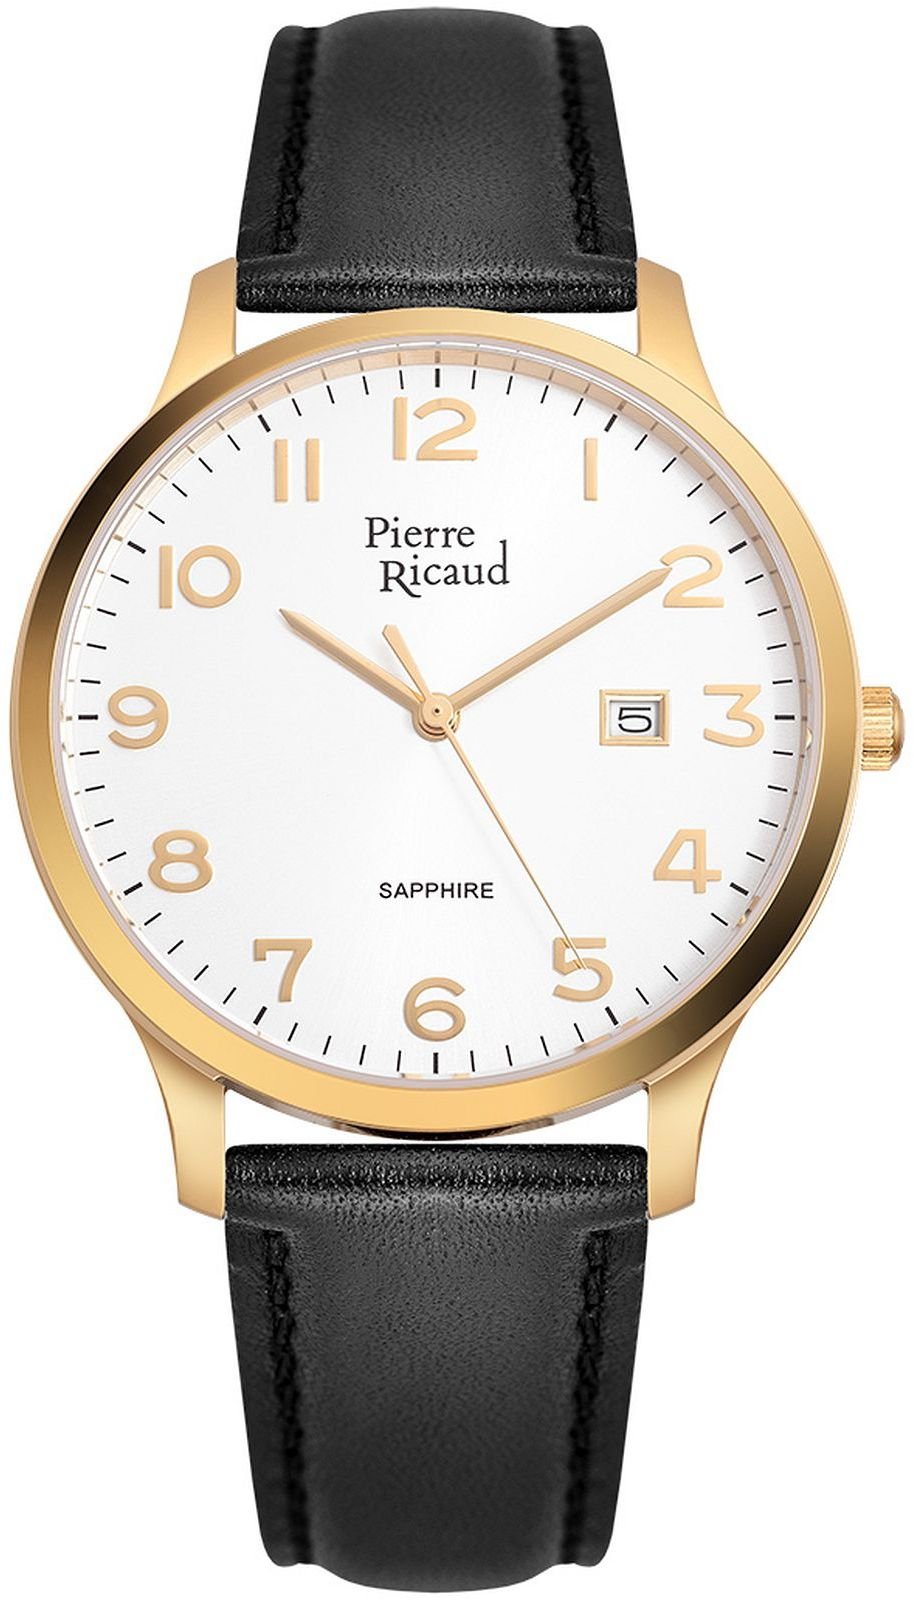 Pierre Ricaud P91028.1223Q > Darmowa dostawa Kurierem/Paczkomaty Darmowy zwrot przez 100 DNI